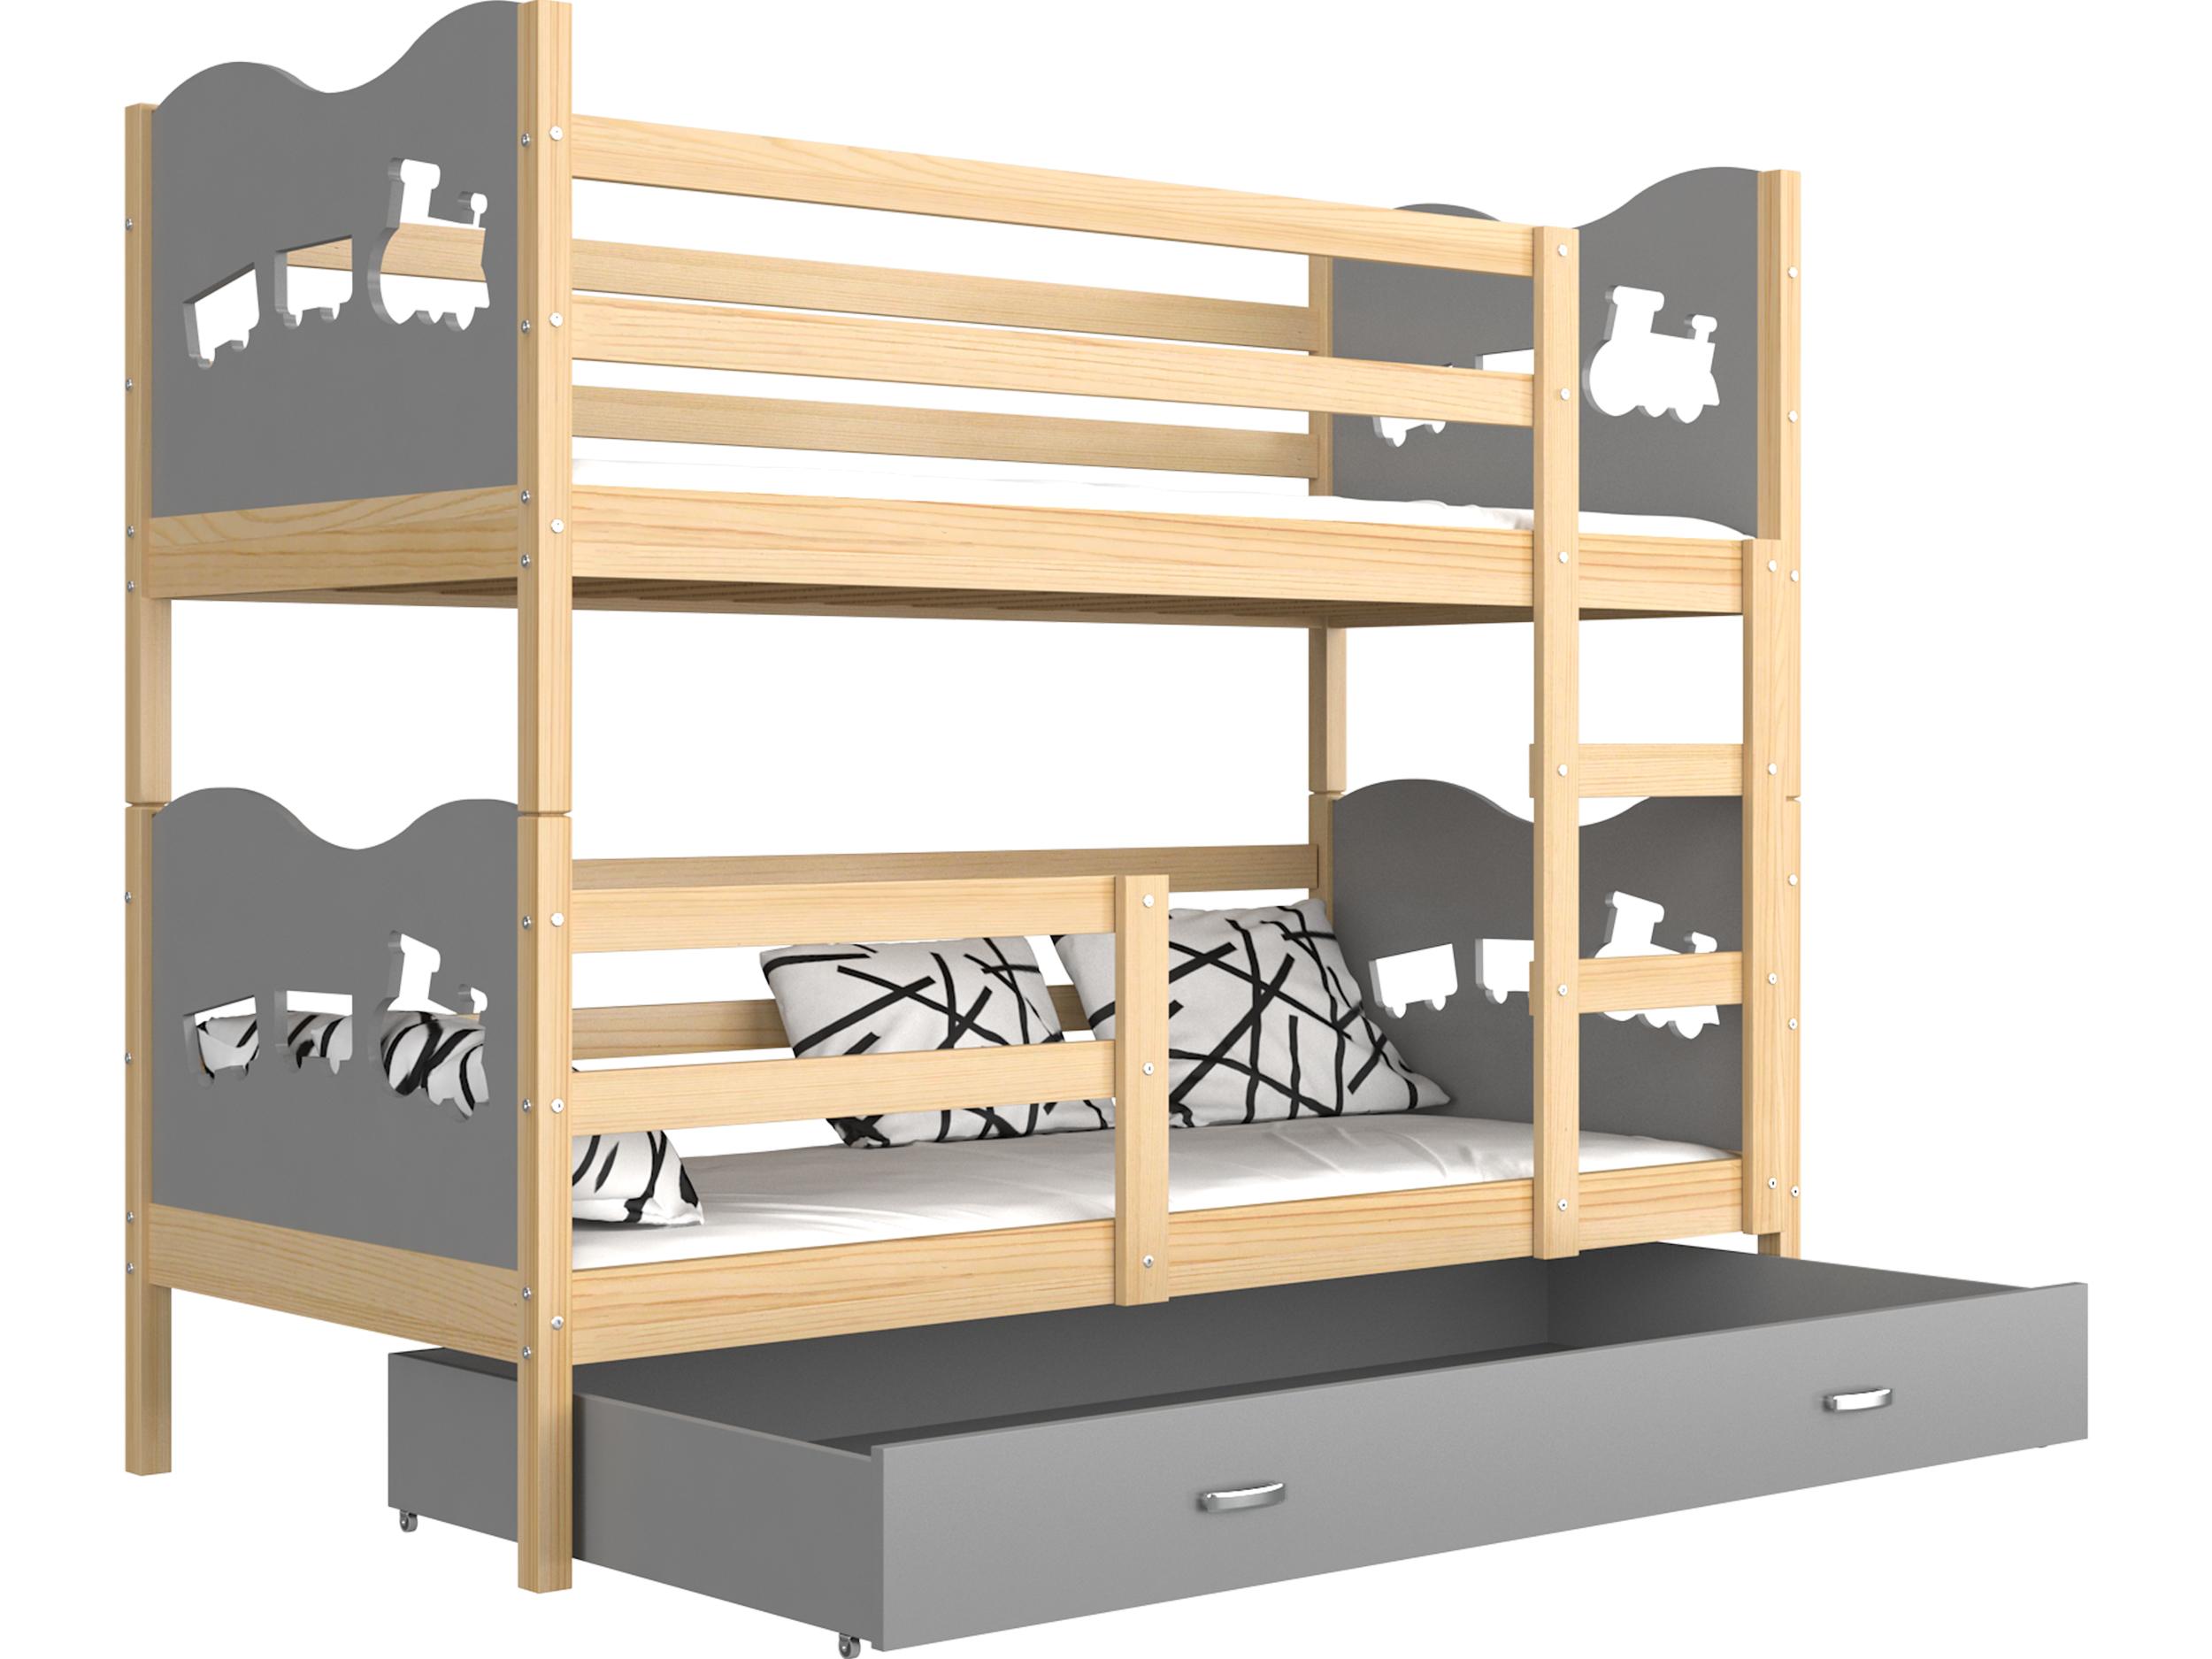 ArtAJ Detská poschodová posteľ MAX drevo / MDF 200 x 90 cm Farba: Borovica / sivá 200 x 90 cm, s matracom